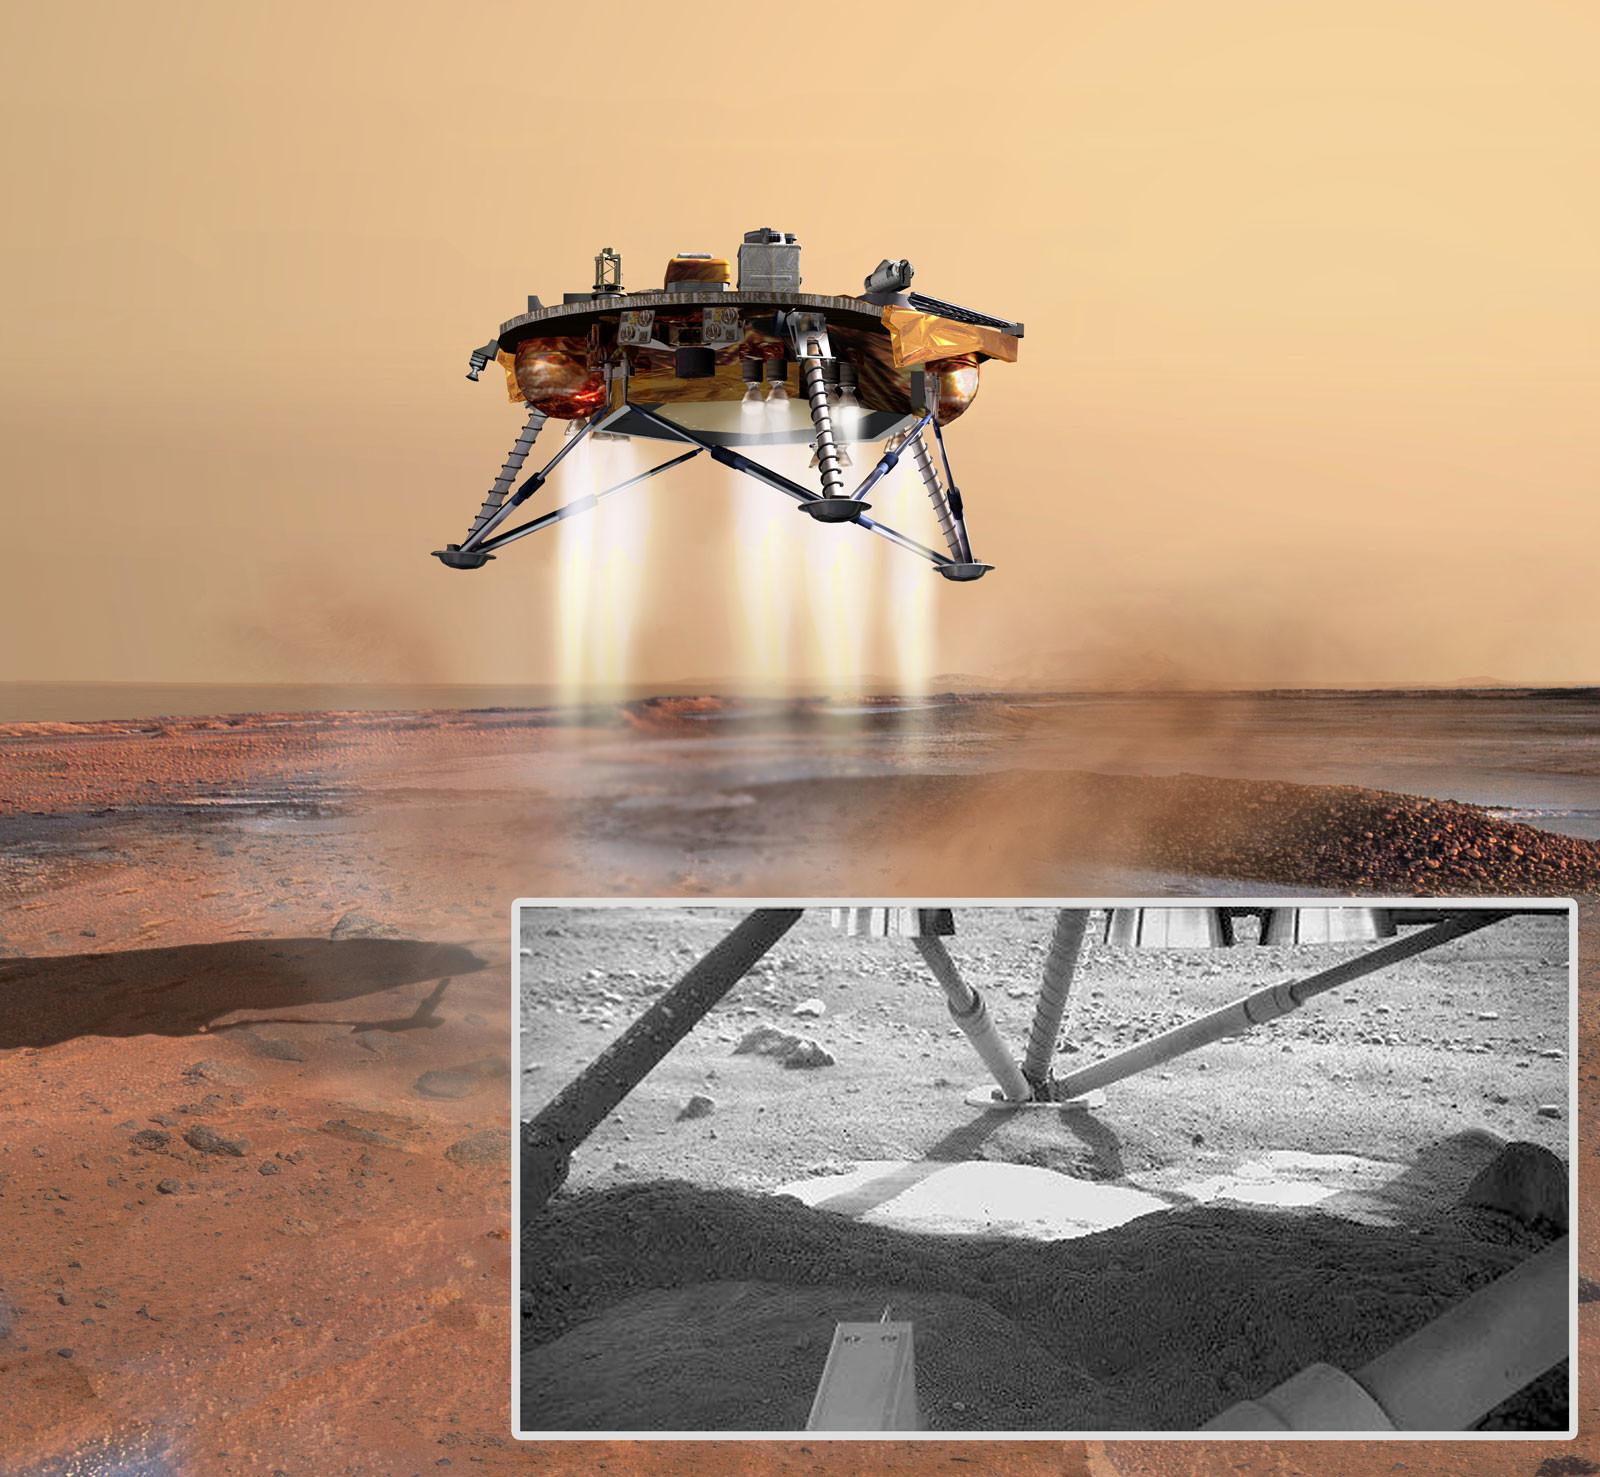 """Светлое пятно под """"ногами"""" спускаемого аппарата """"Феникс"""" — марсианский водный лёд, уцелевший даже несмотря на то, что для посадки тот использовал небольшие ракетные двигатели. Фото: © wikipedia.org"""